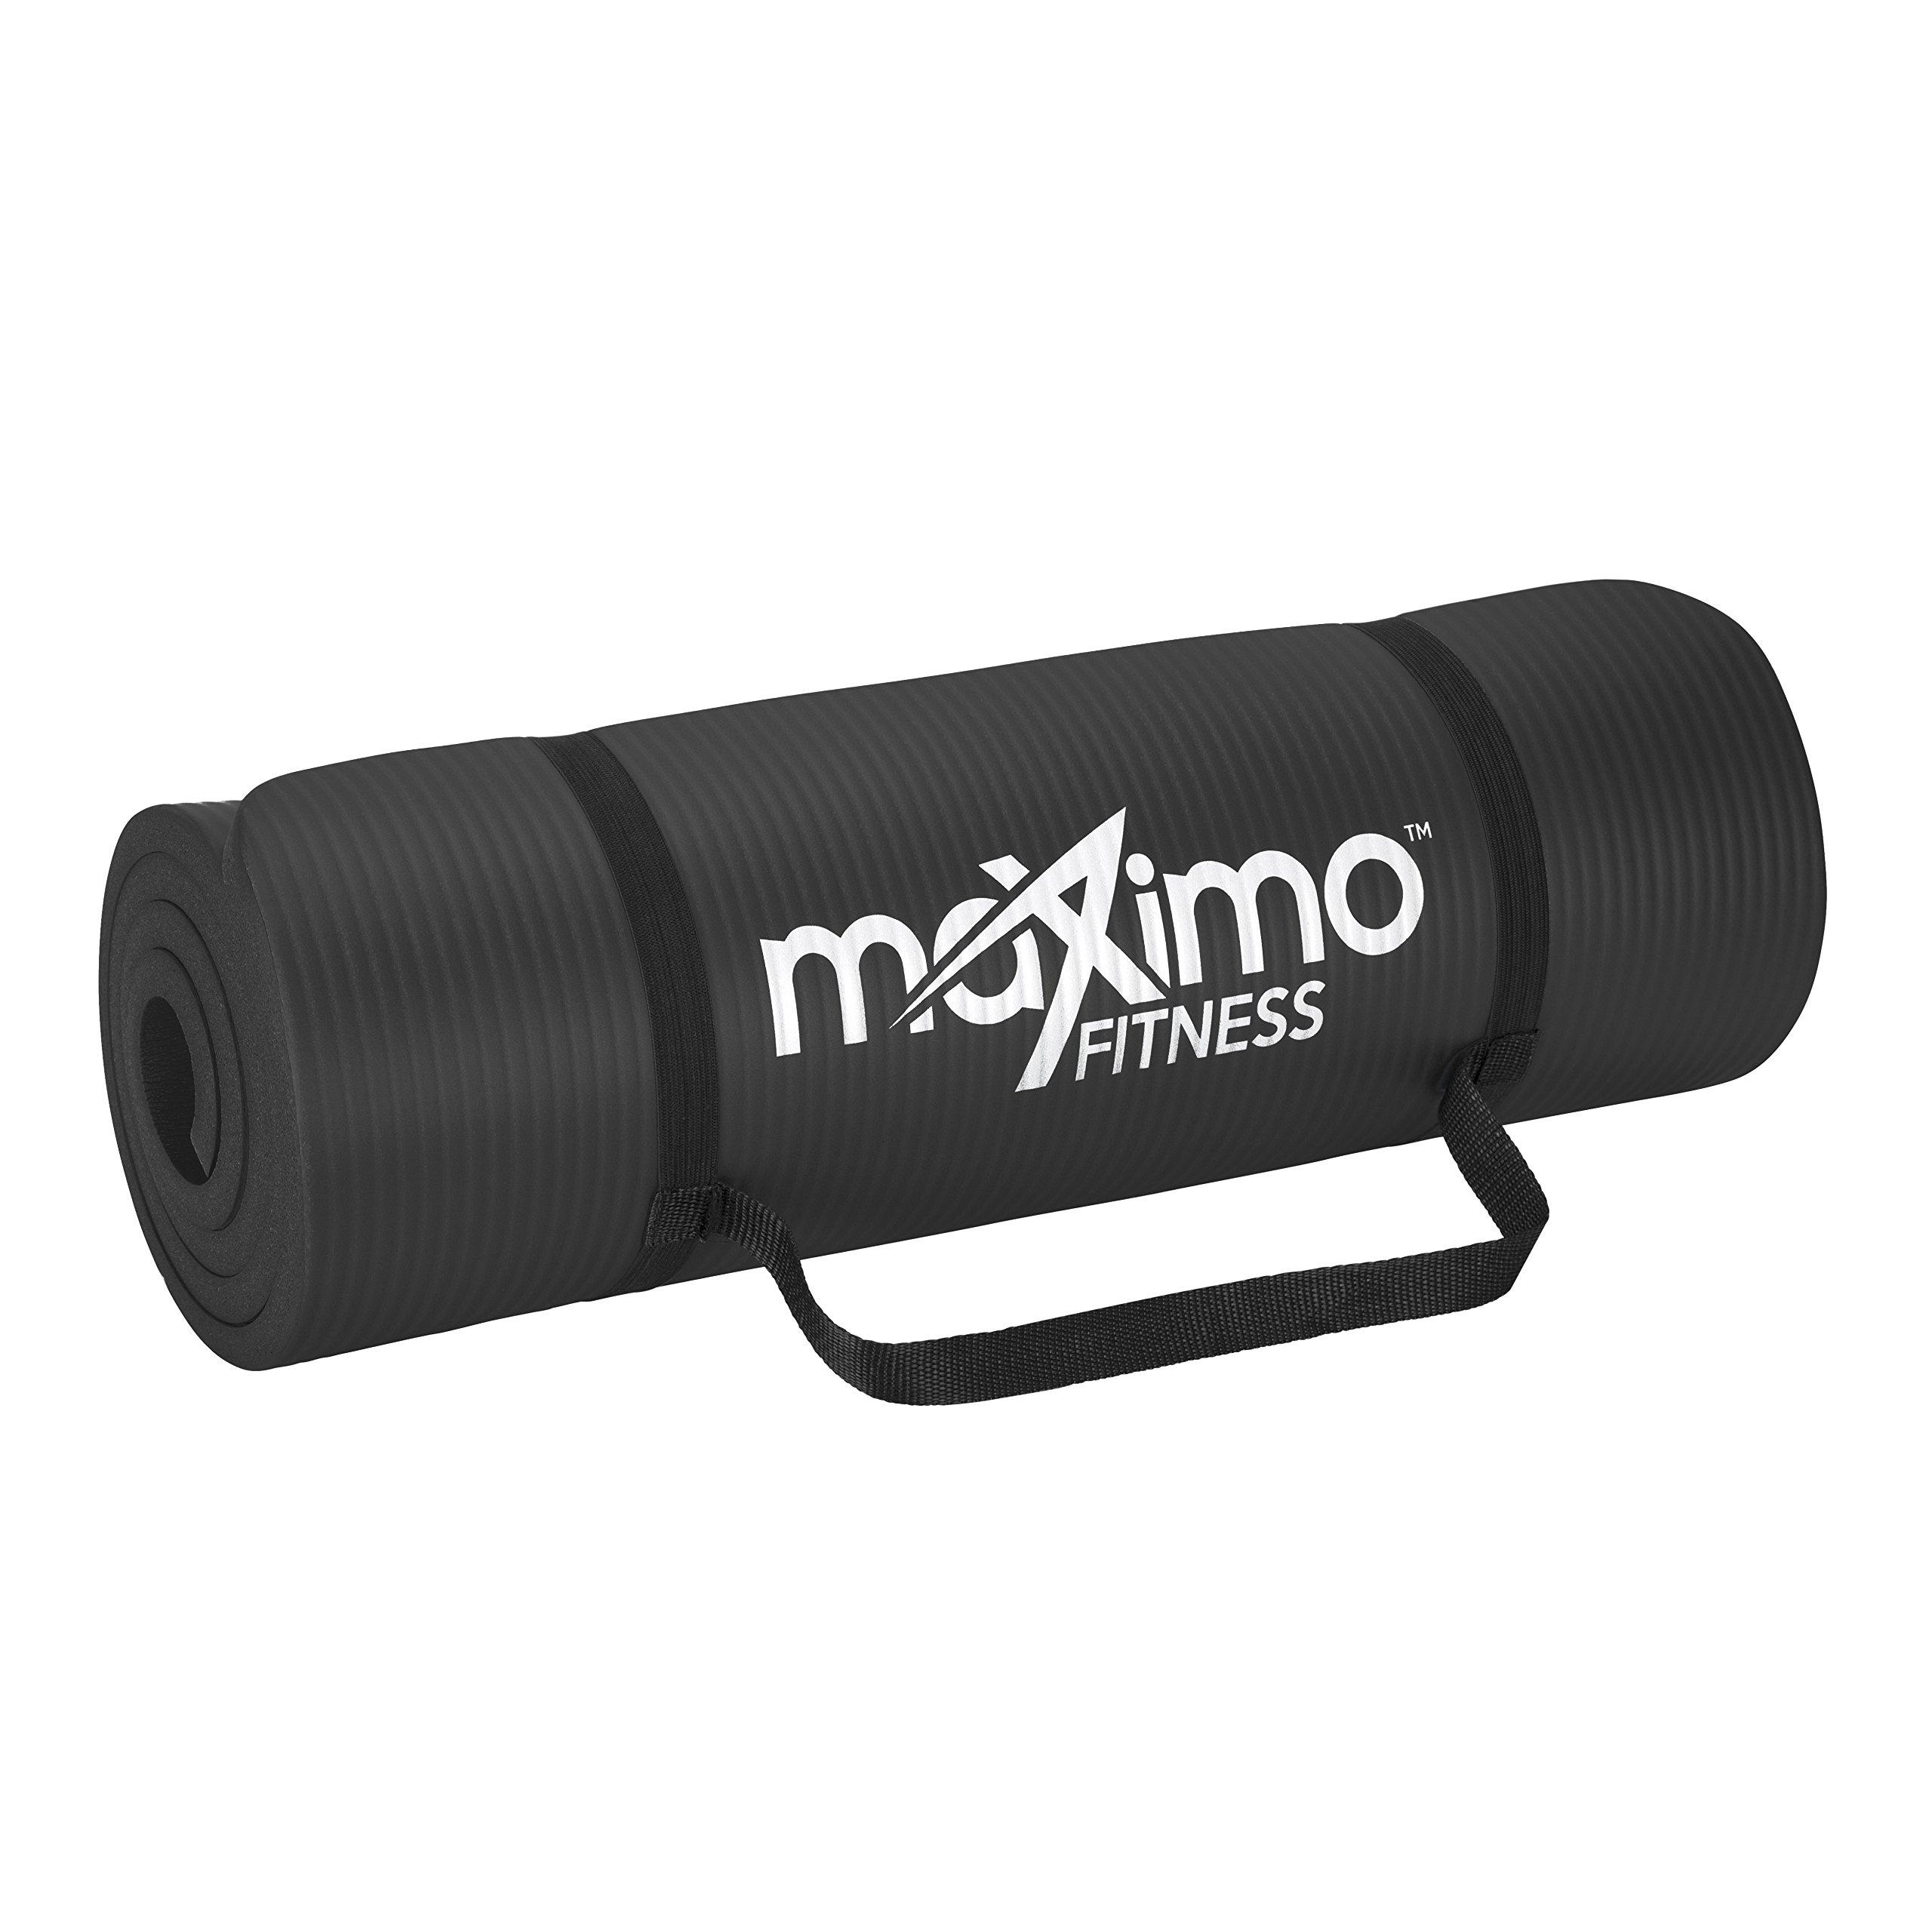 Maximo Fitness Colchoneta para Ejercicios Extra Gruesa - Colchoneta Antideslizante para Gimnasio 183 cm Largo x